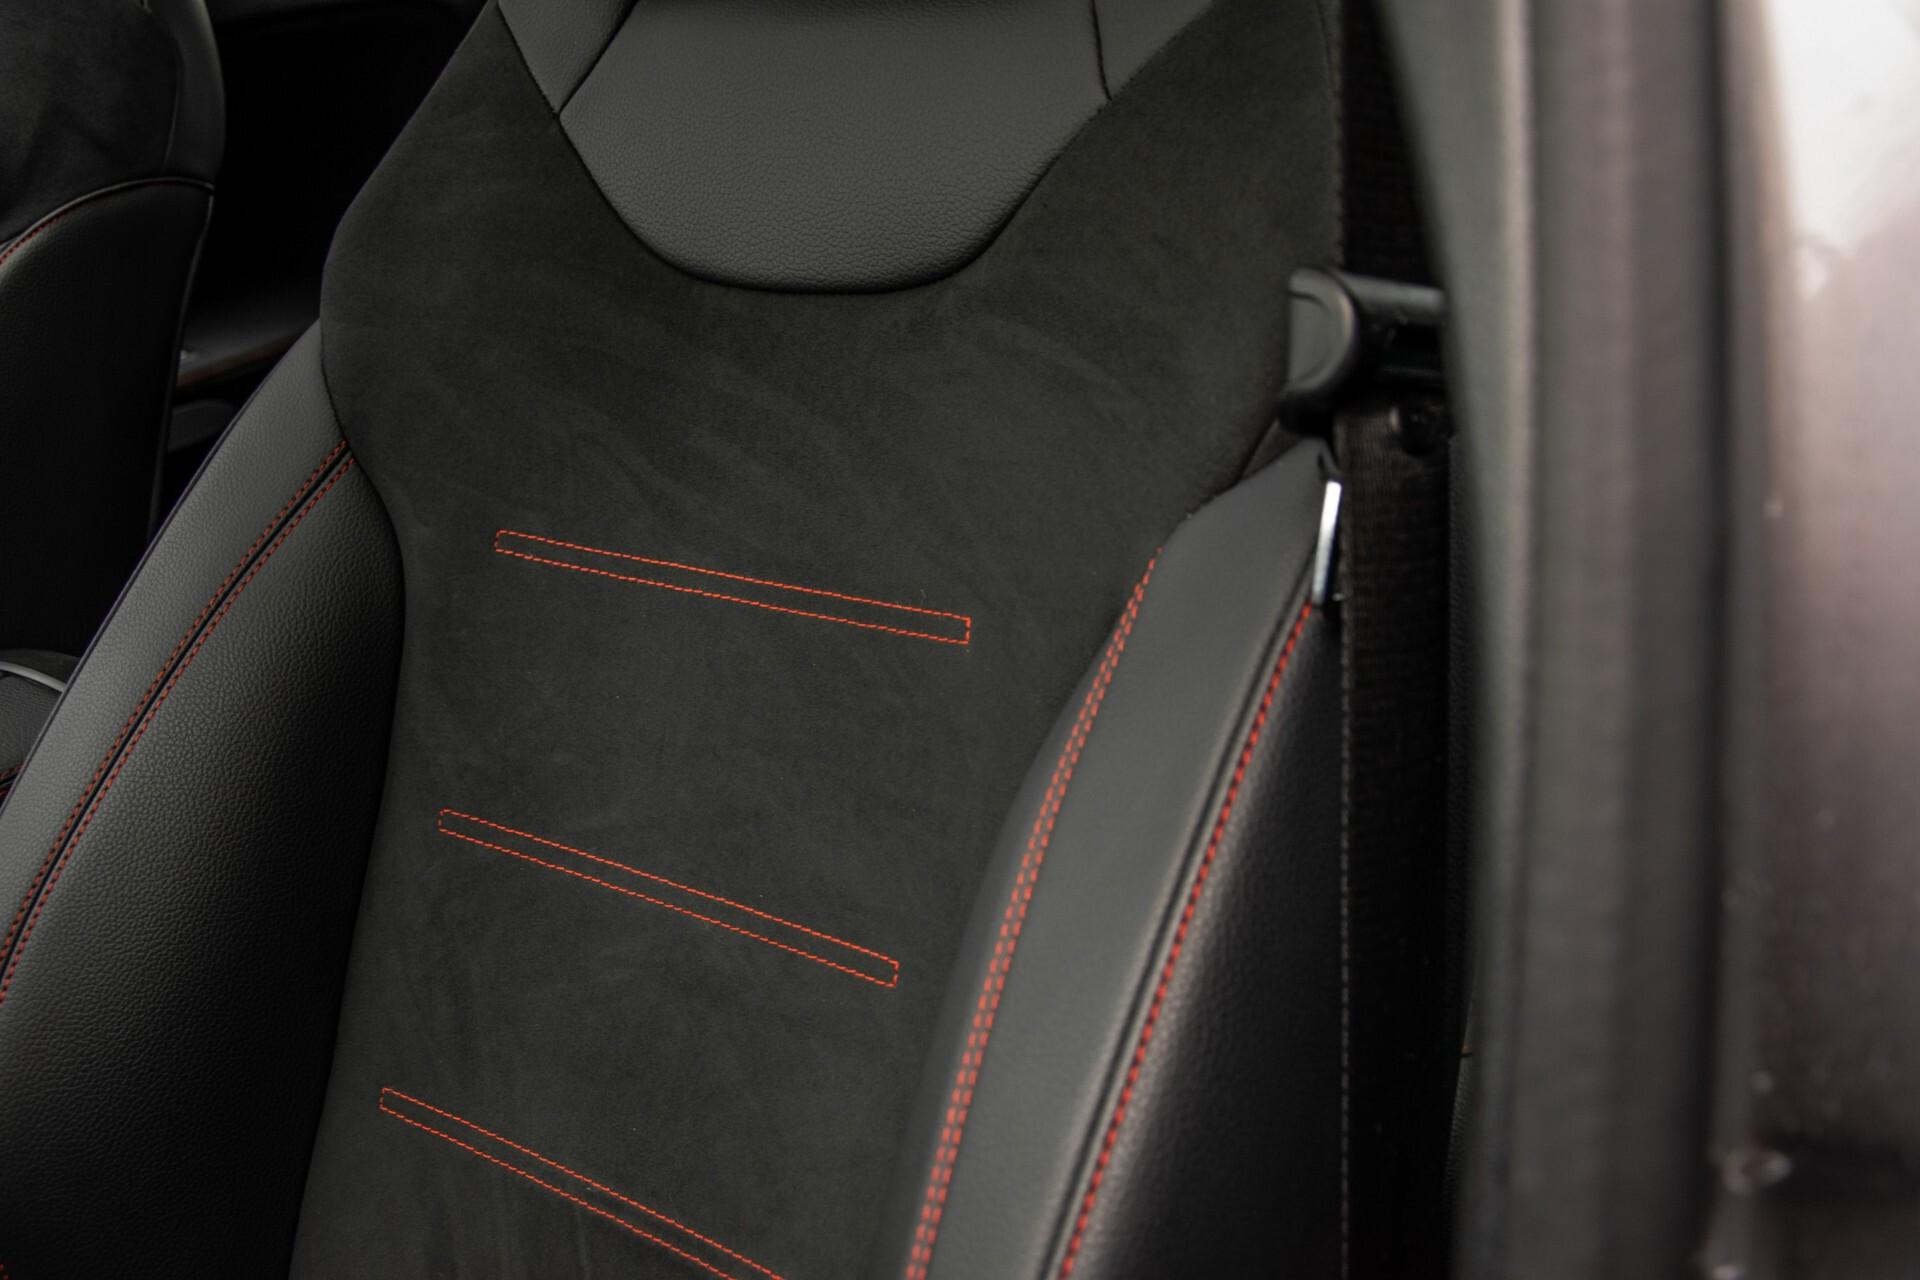 Mercedes-Benz A-Klasse 180 d AMG Panorama/MBUX/DAB/LED Aut7 Foto 33